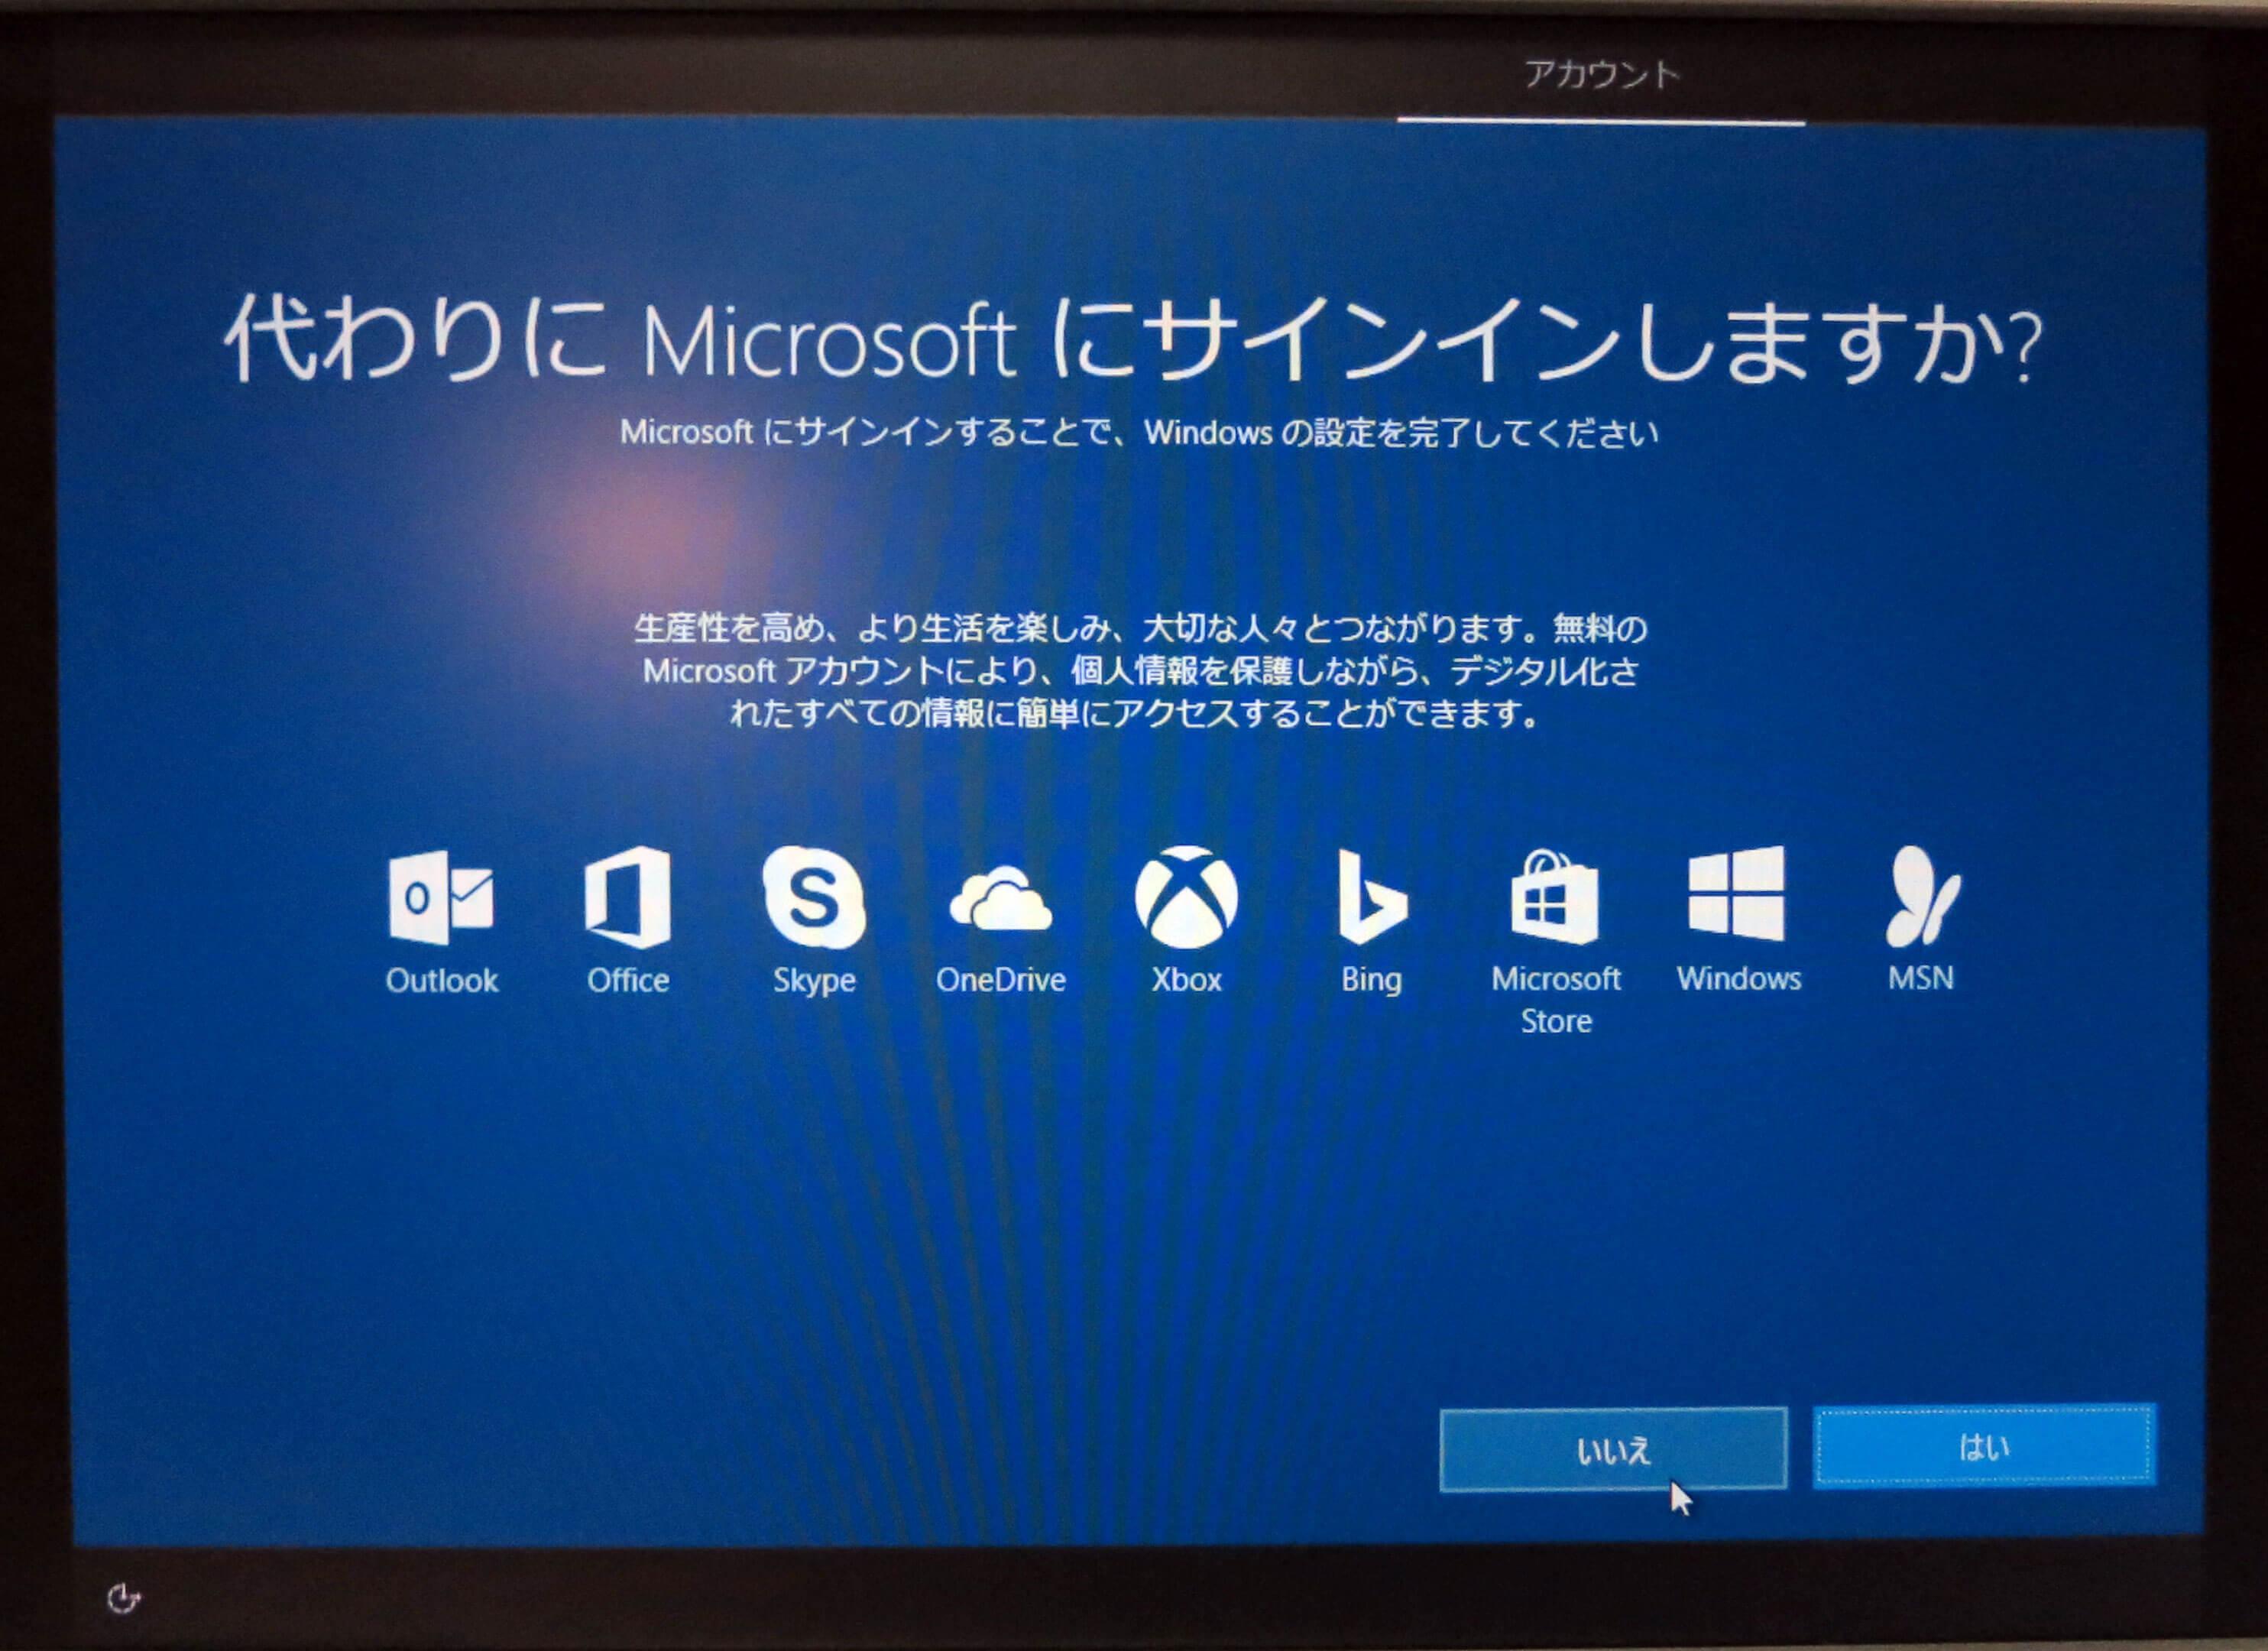 代わりにMicrosoftにサインインしますか画面